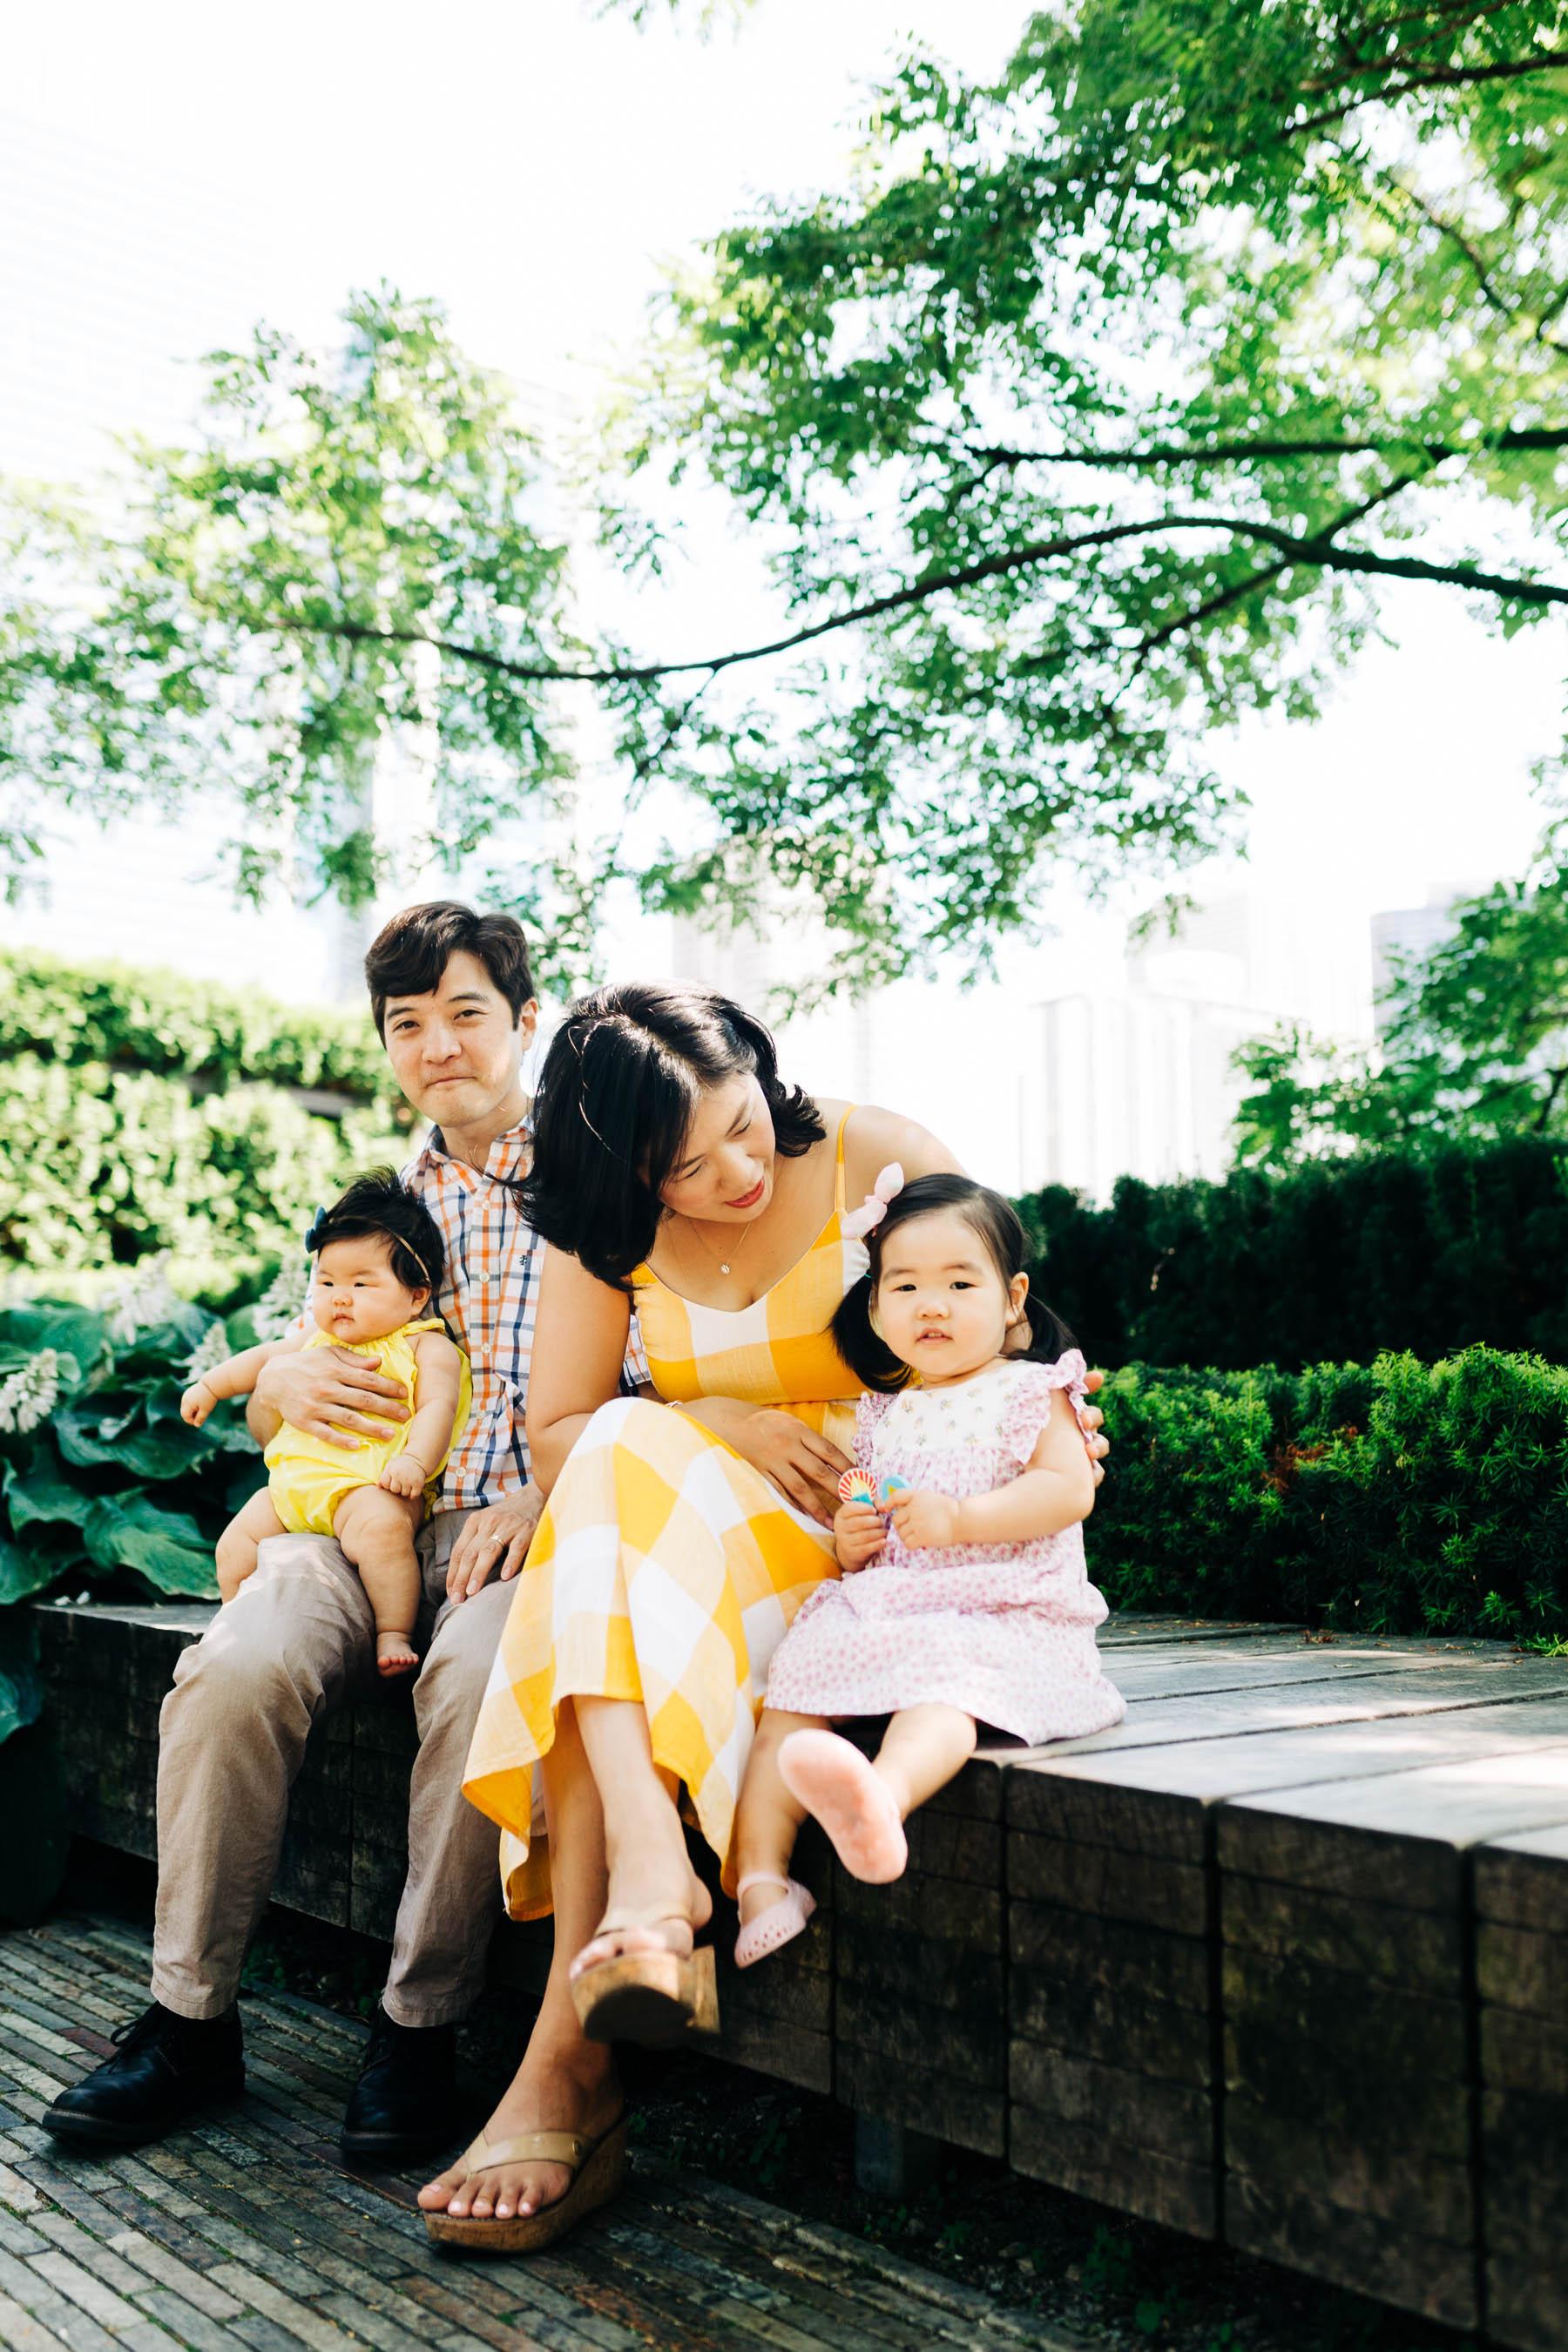 chicago-family-photographer-4.jpg